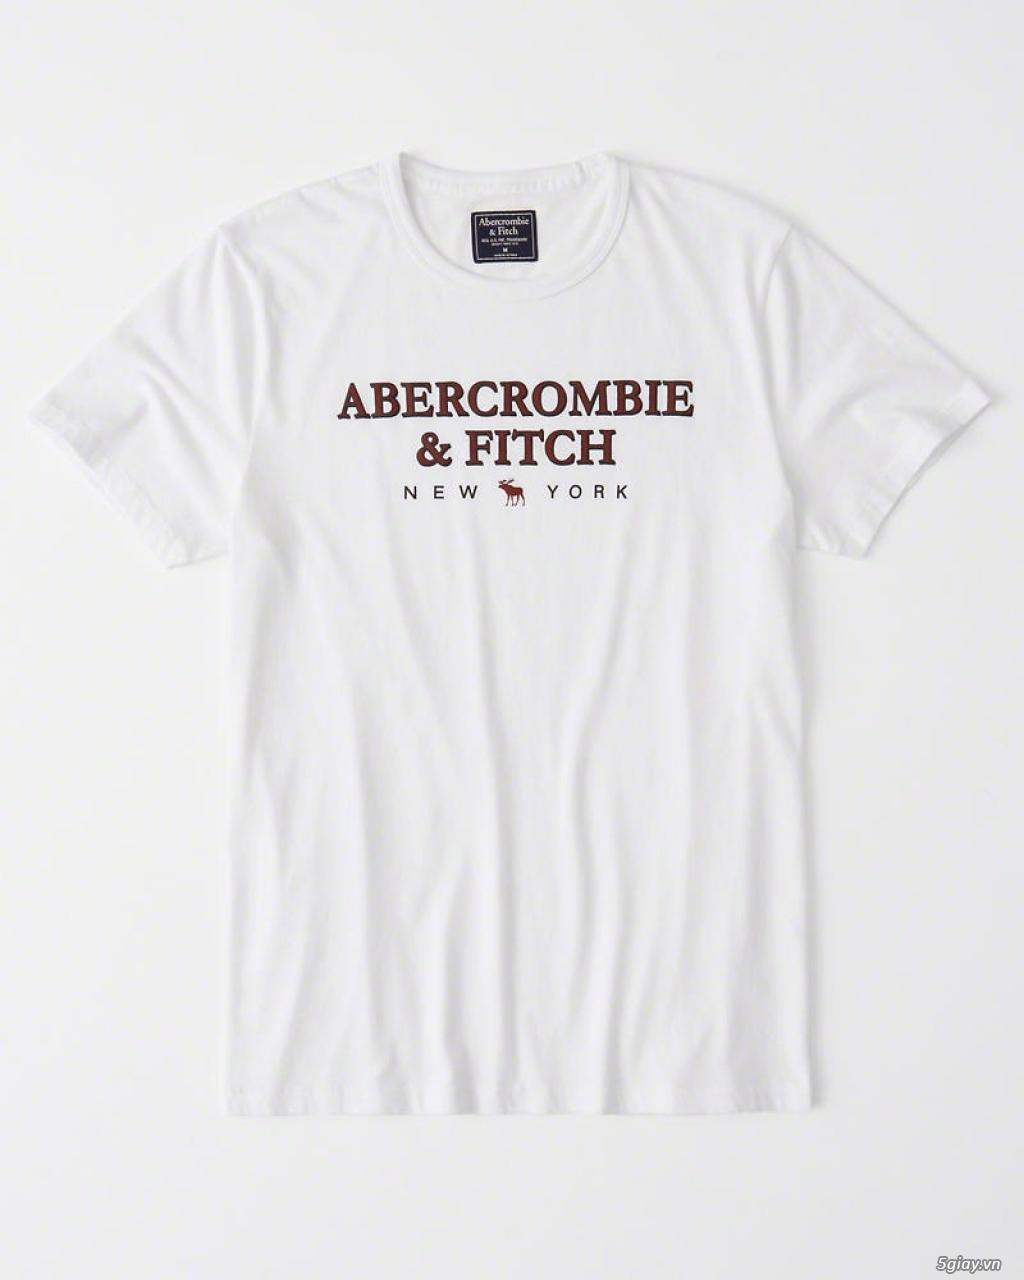 HCO shop chuyên hàng Hollister Abercrombie xách tay US chính hãng - 11